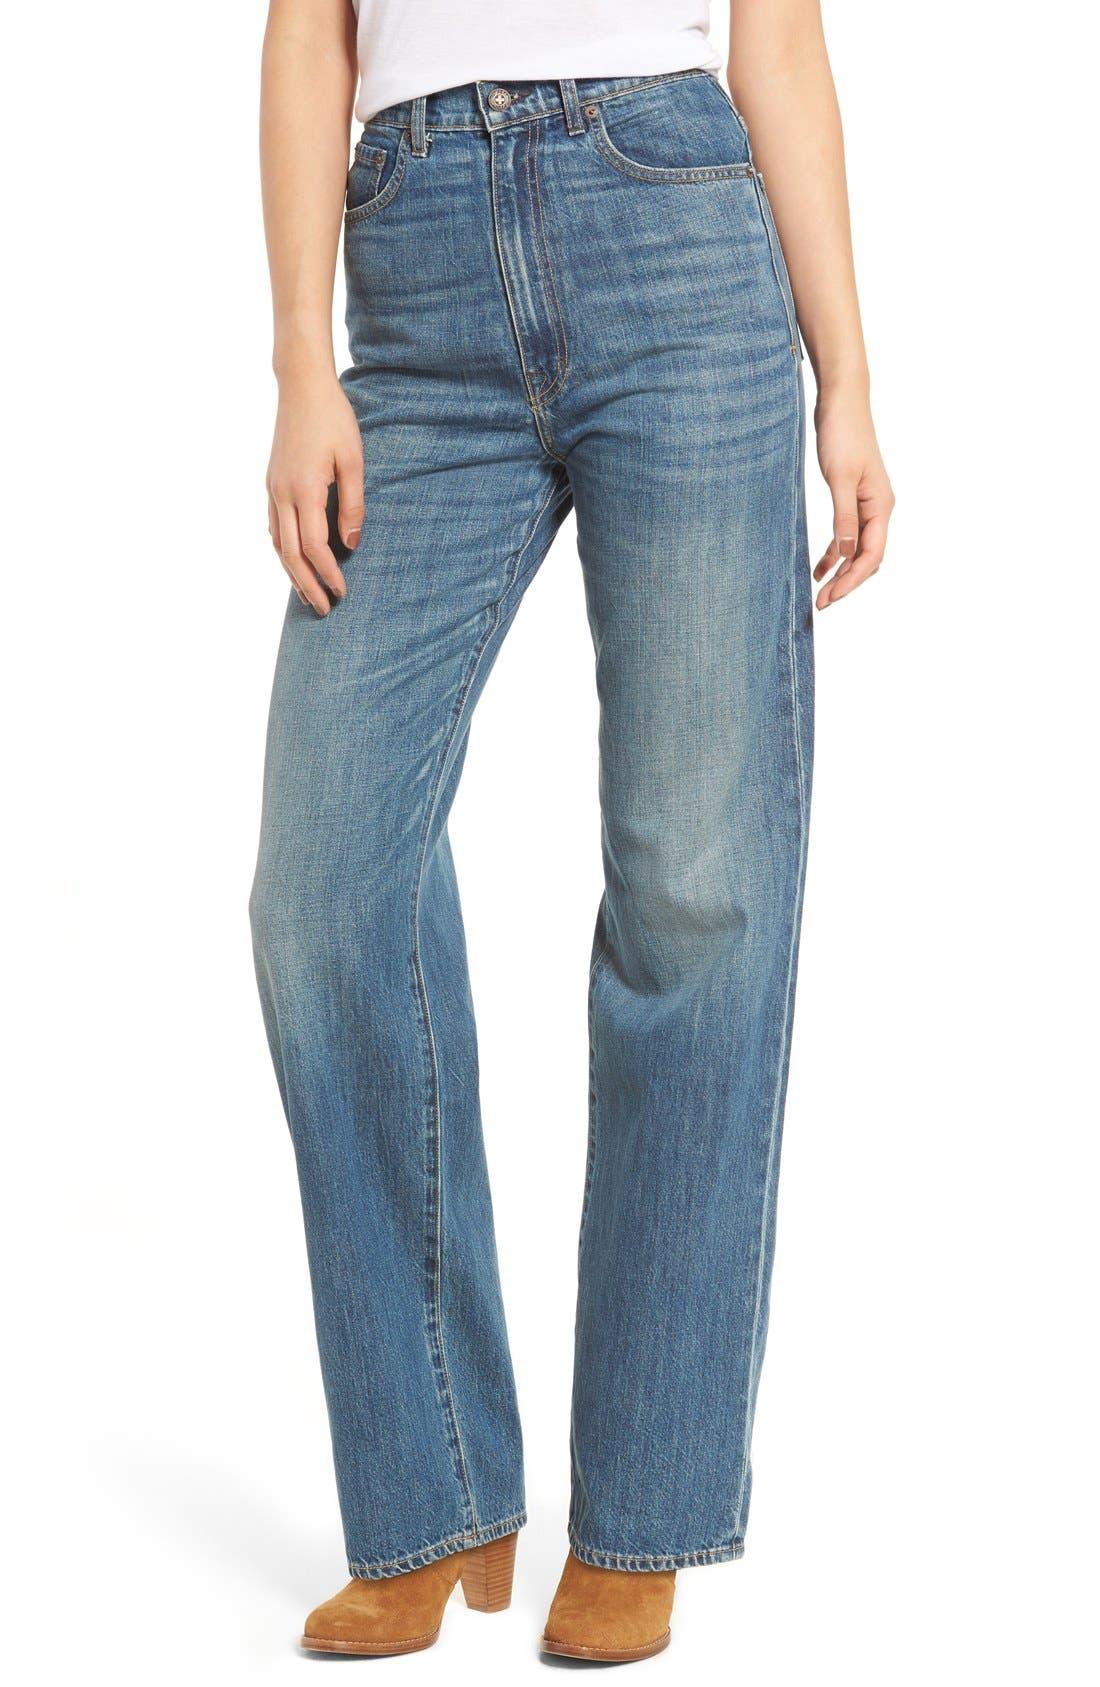 Alternate Image 1 Selected - imogene + willie High Waist Wide Leg Jeans (Abilene)